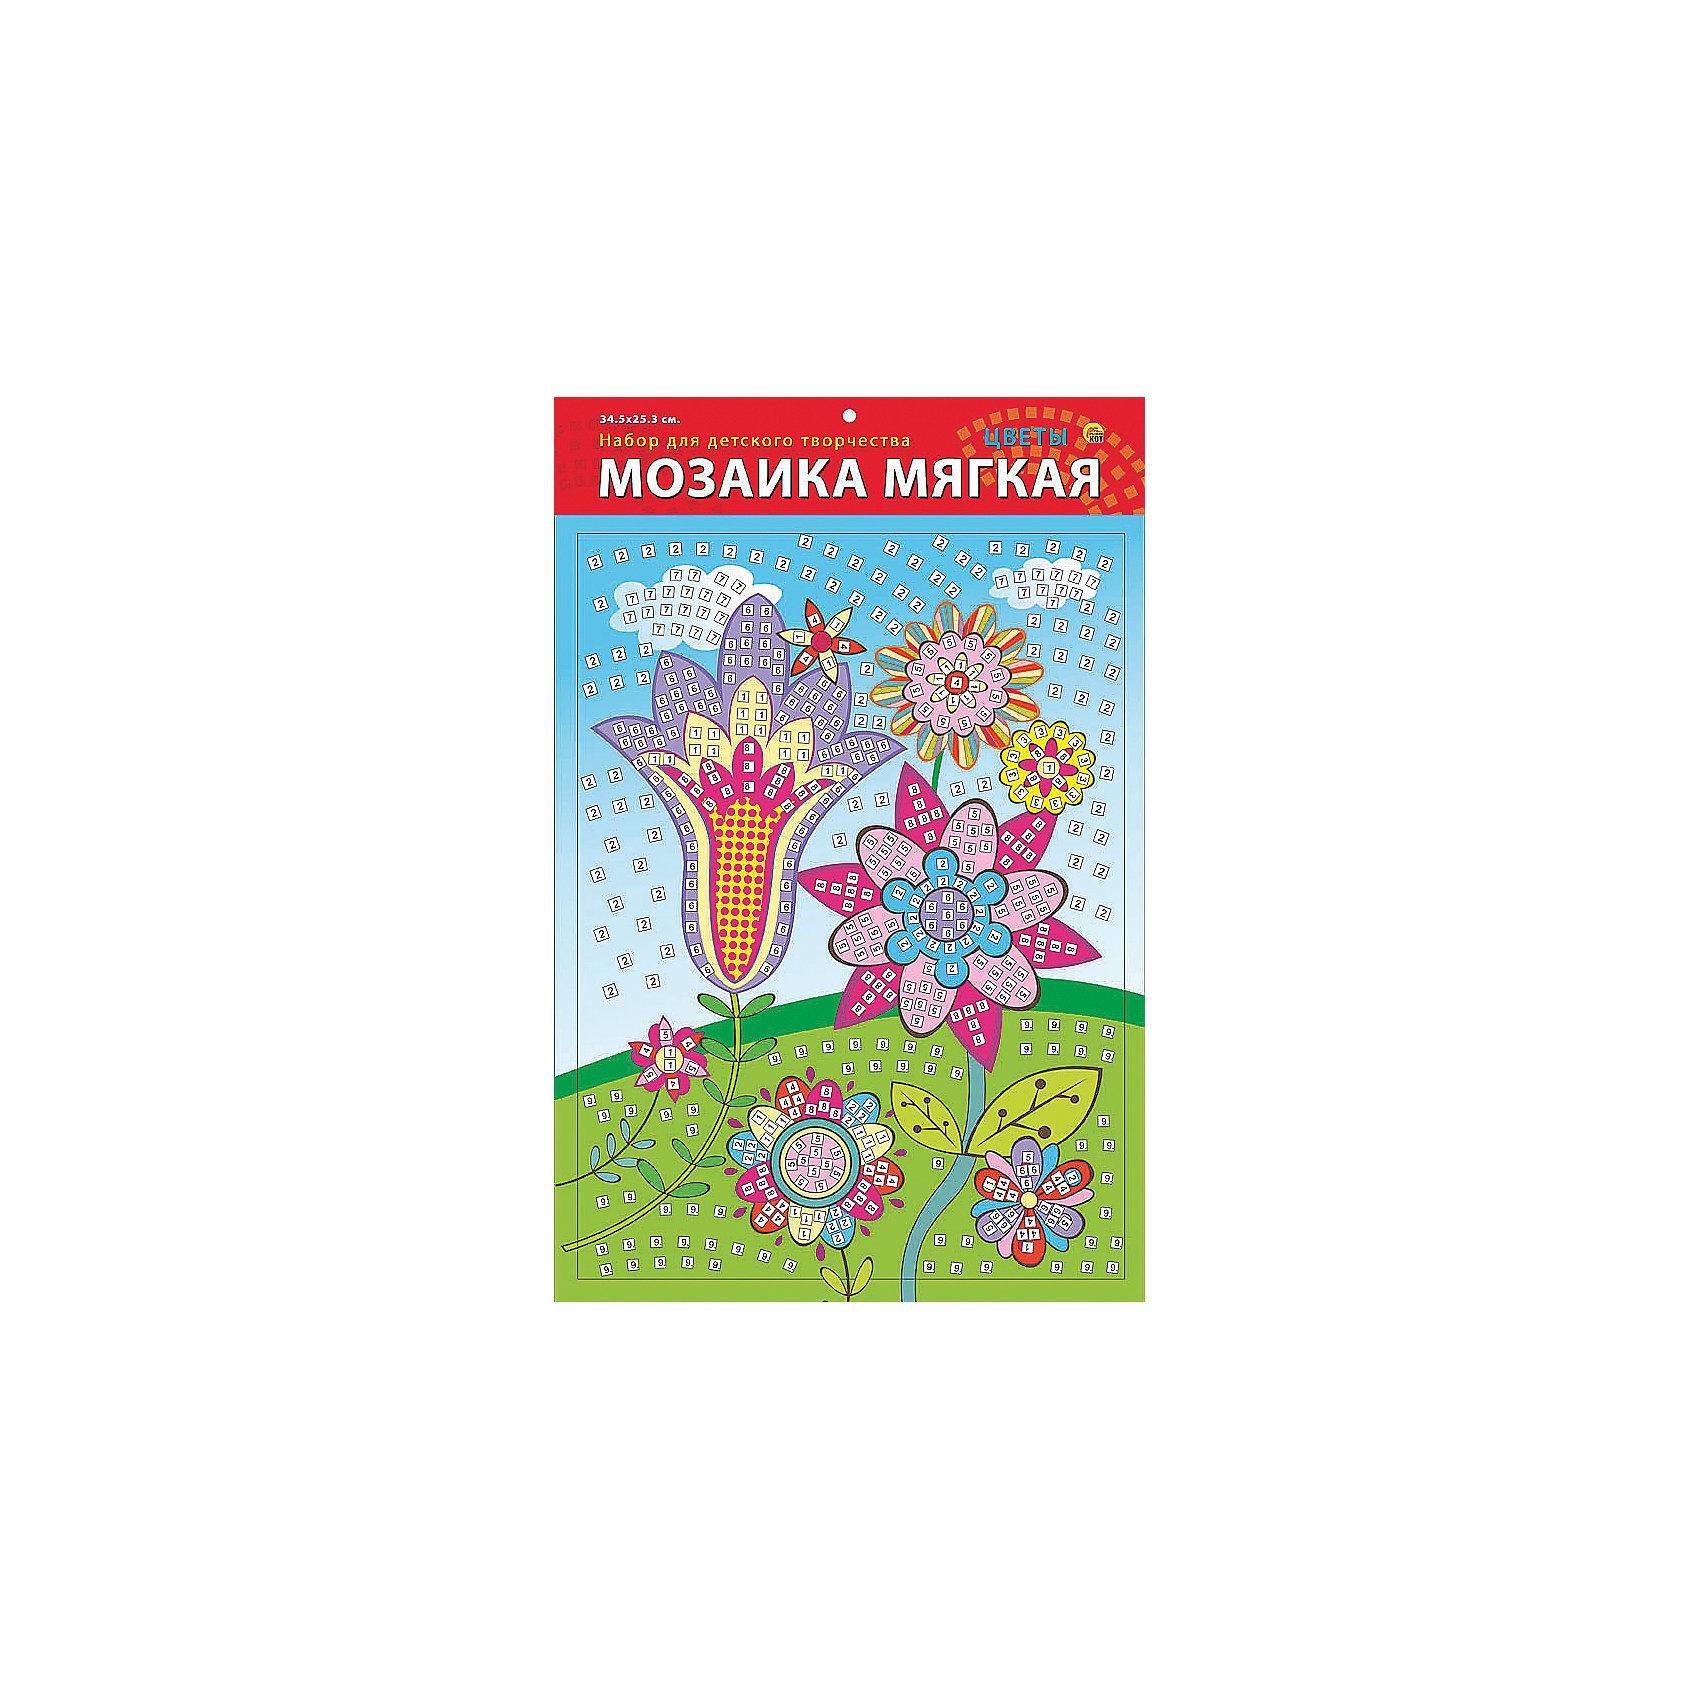 Издательство Рыжий кот Мягкая мозаика Цветы формат А3 (34.5х25 см) издательство рыжий кот мягкая мозаика обезьянка формат а5 21х15 см